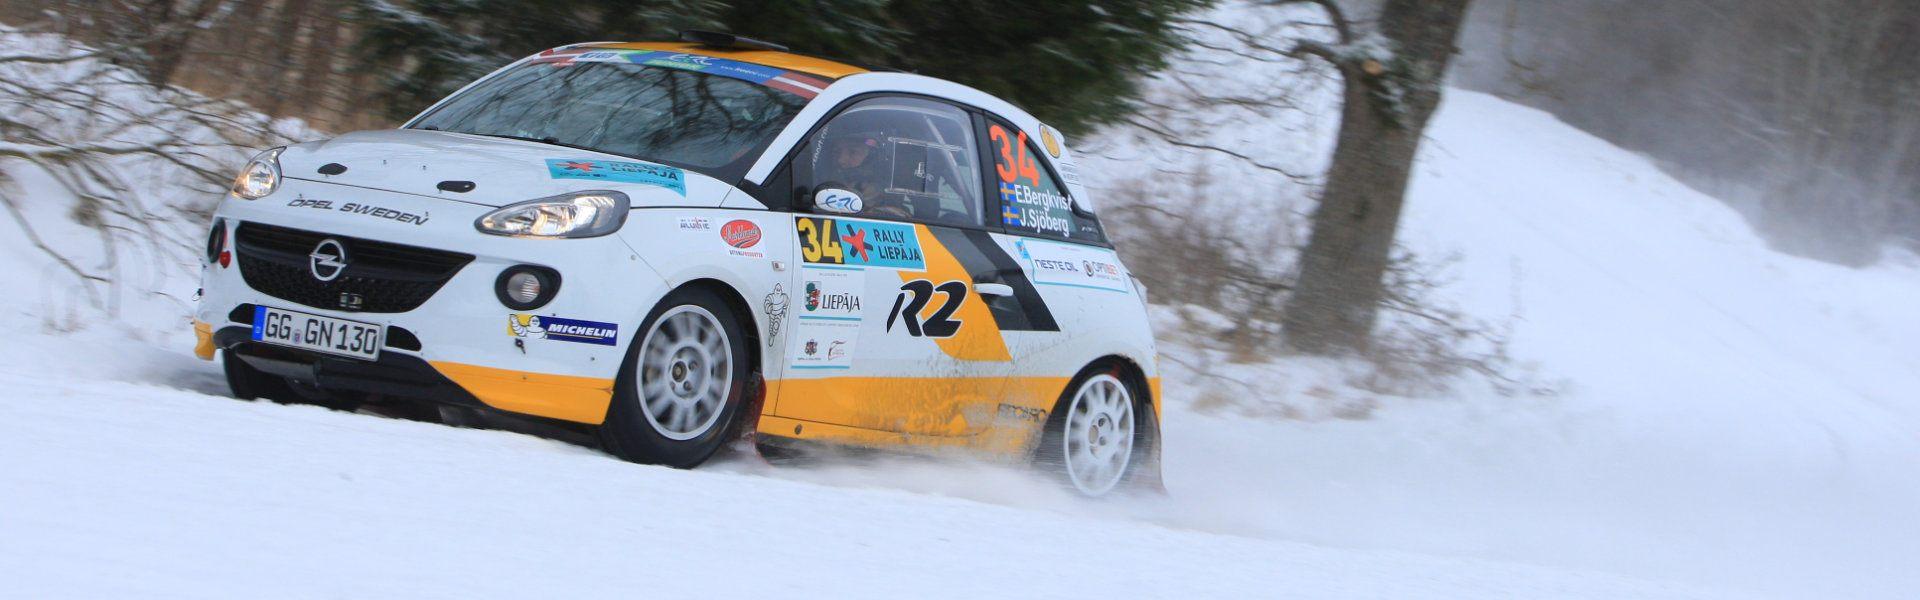 Sneeuwkettingen voor Opel